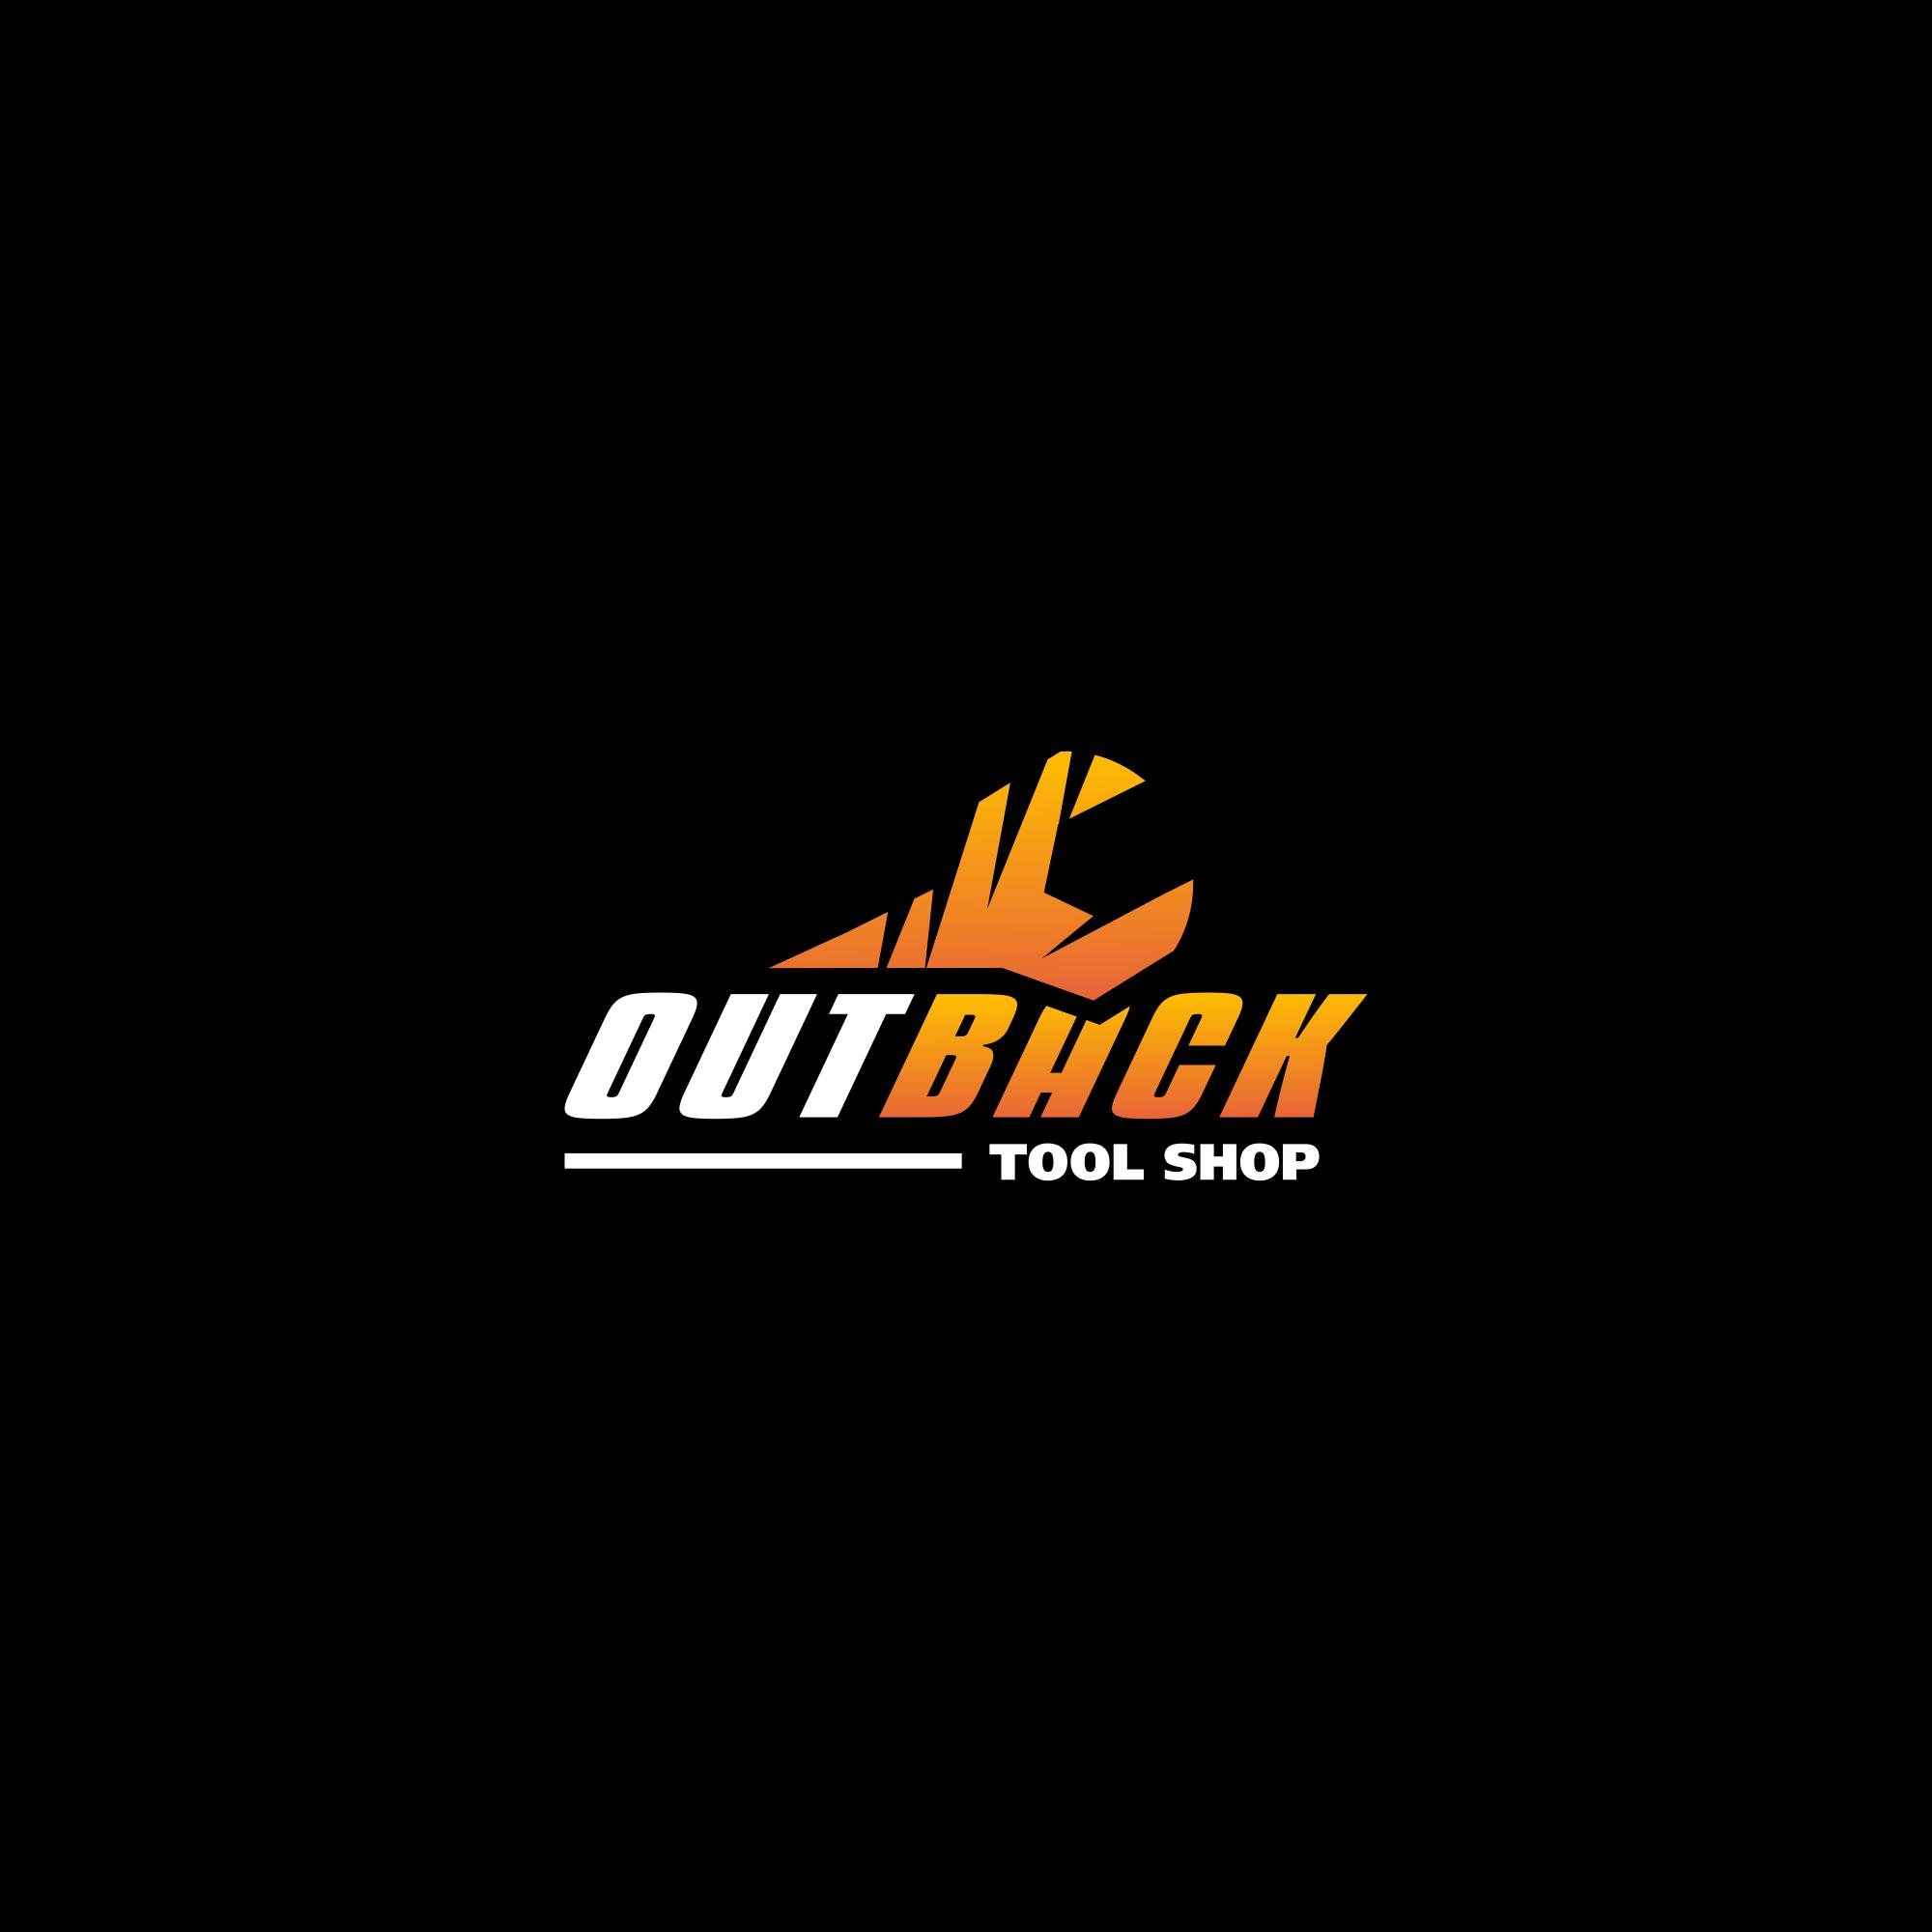 Outback Tool Shop Logo